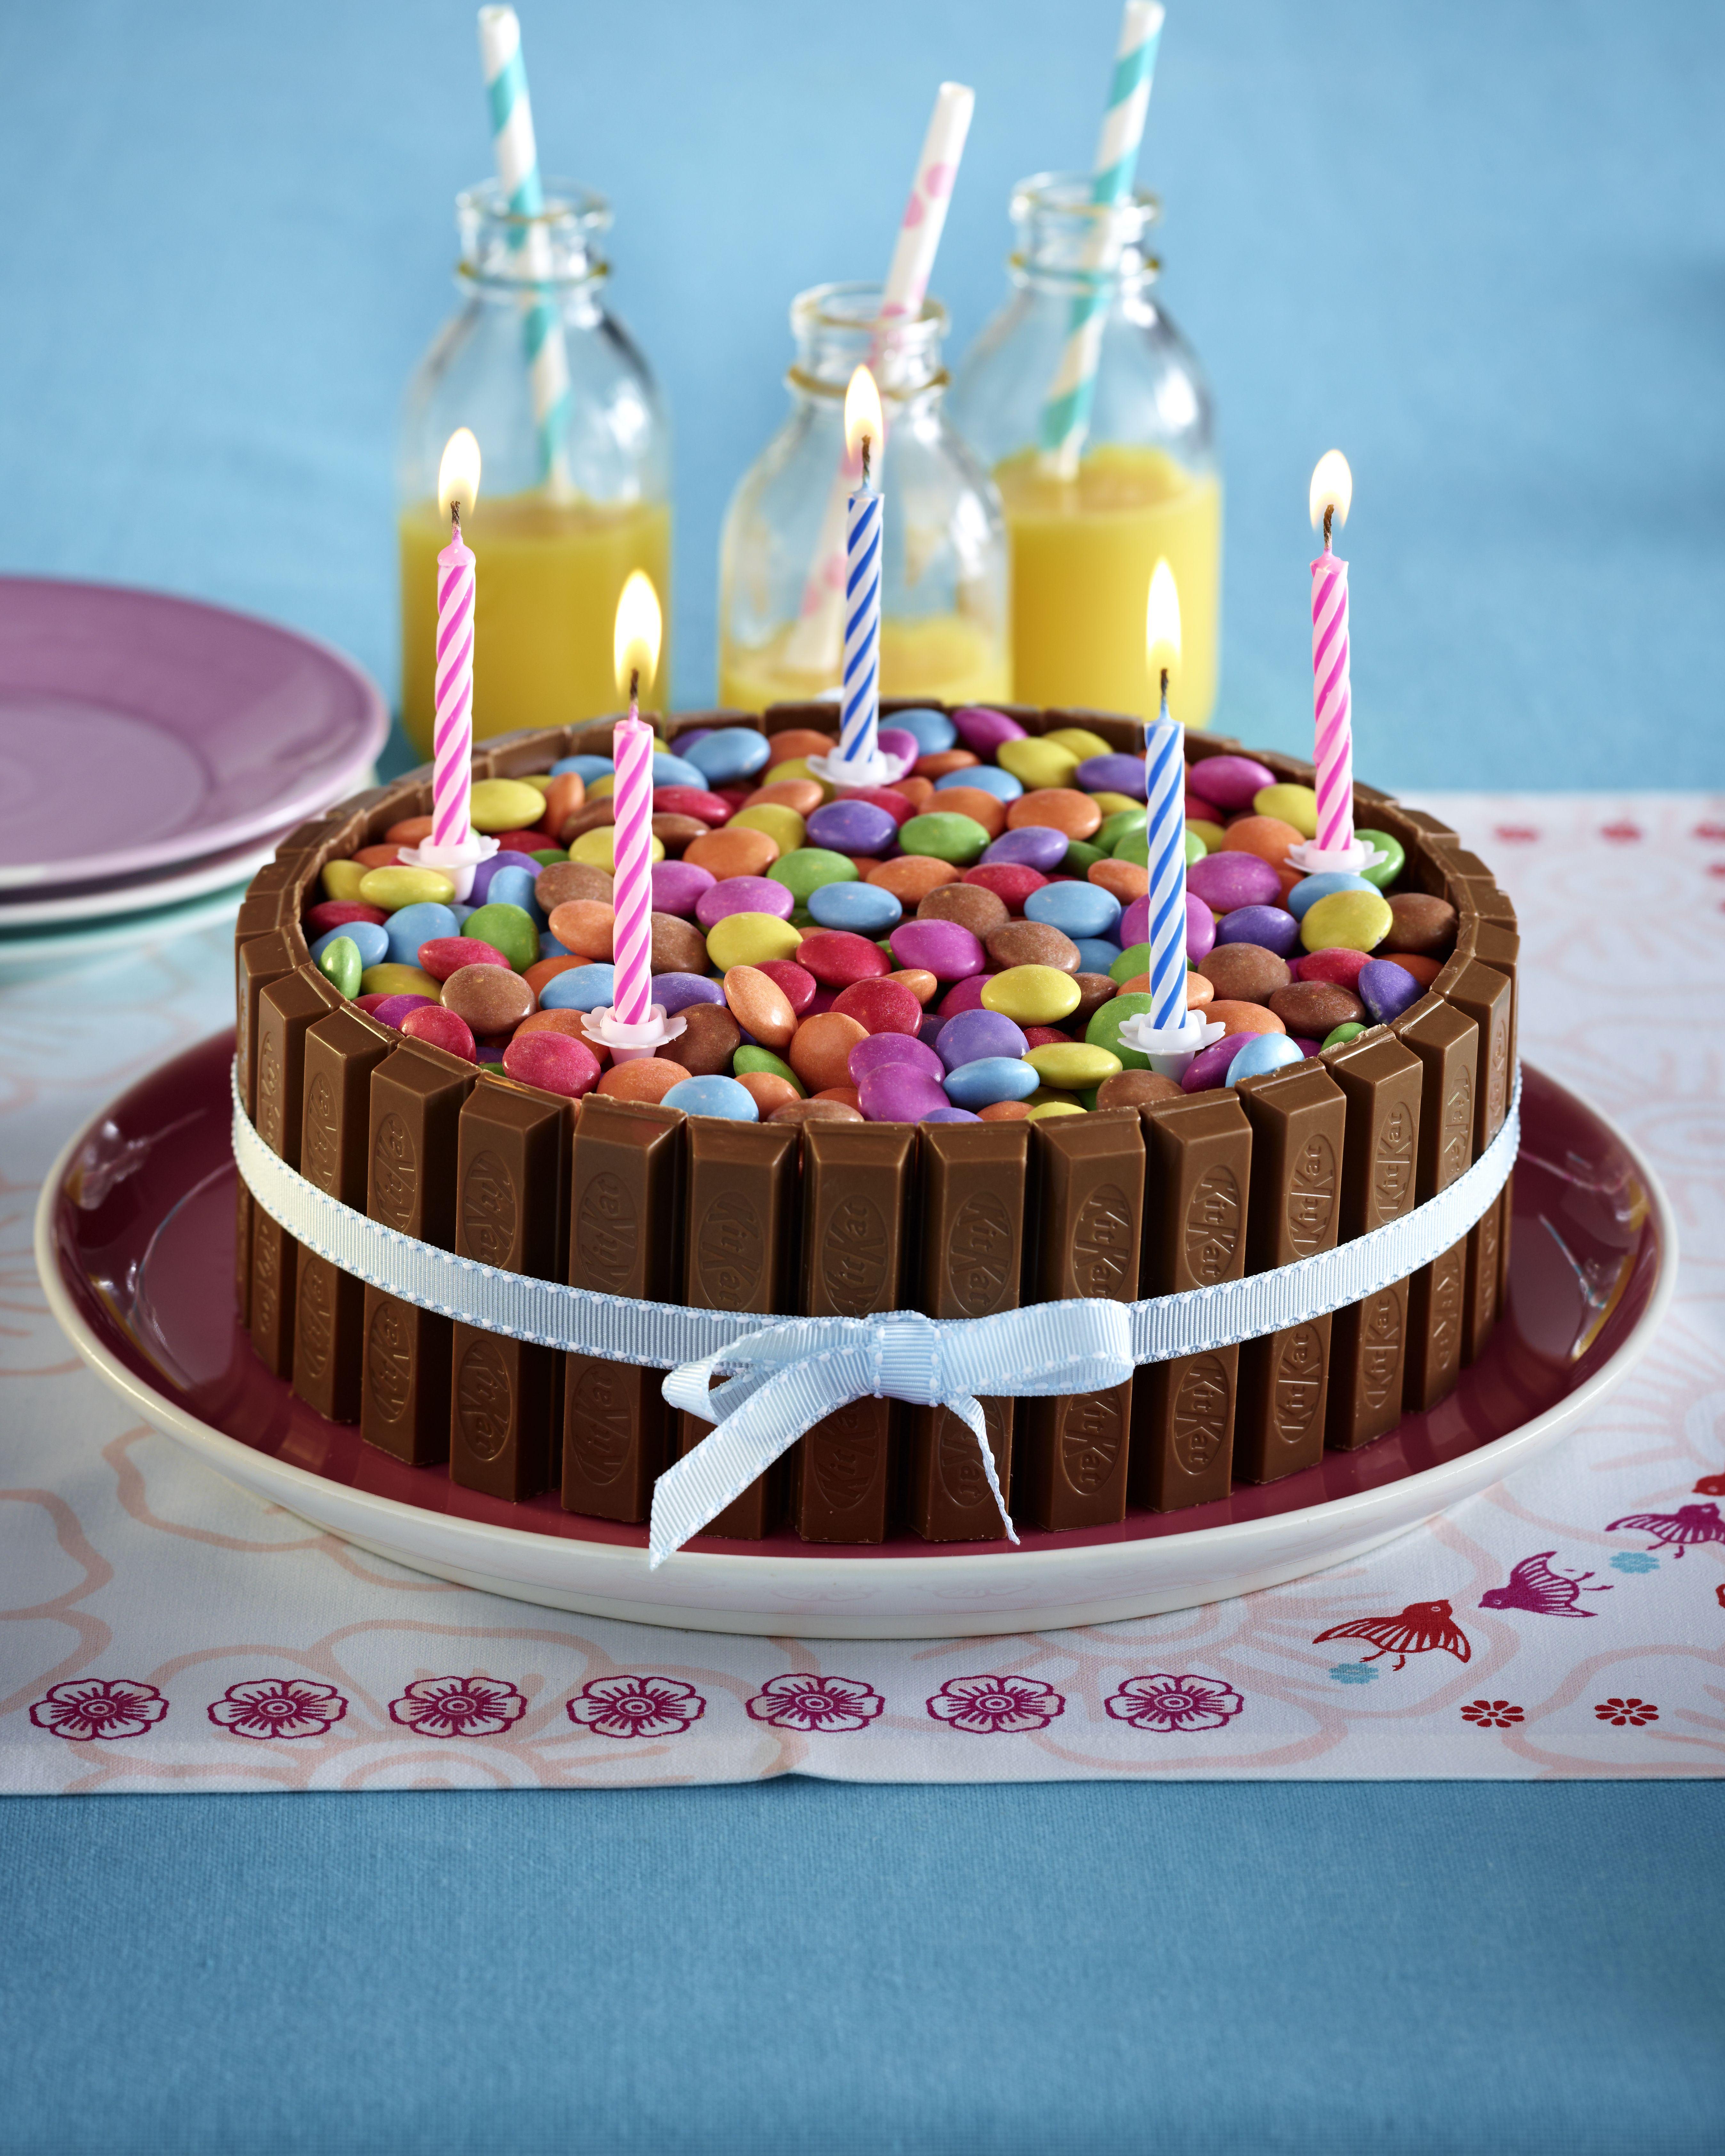 Kuchen fr Kindergeburtstag 8 tolle Rezepte  Rezepte fuer Geniesser  Cupcake cakes Birthday